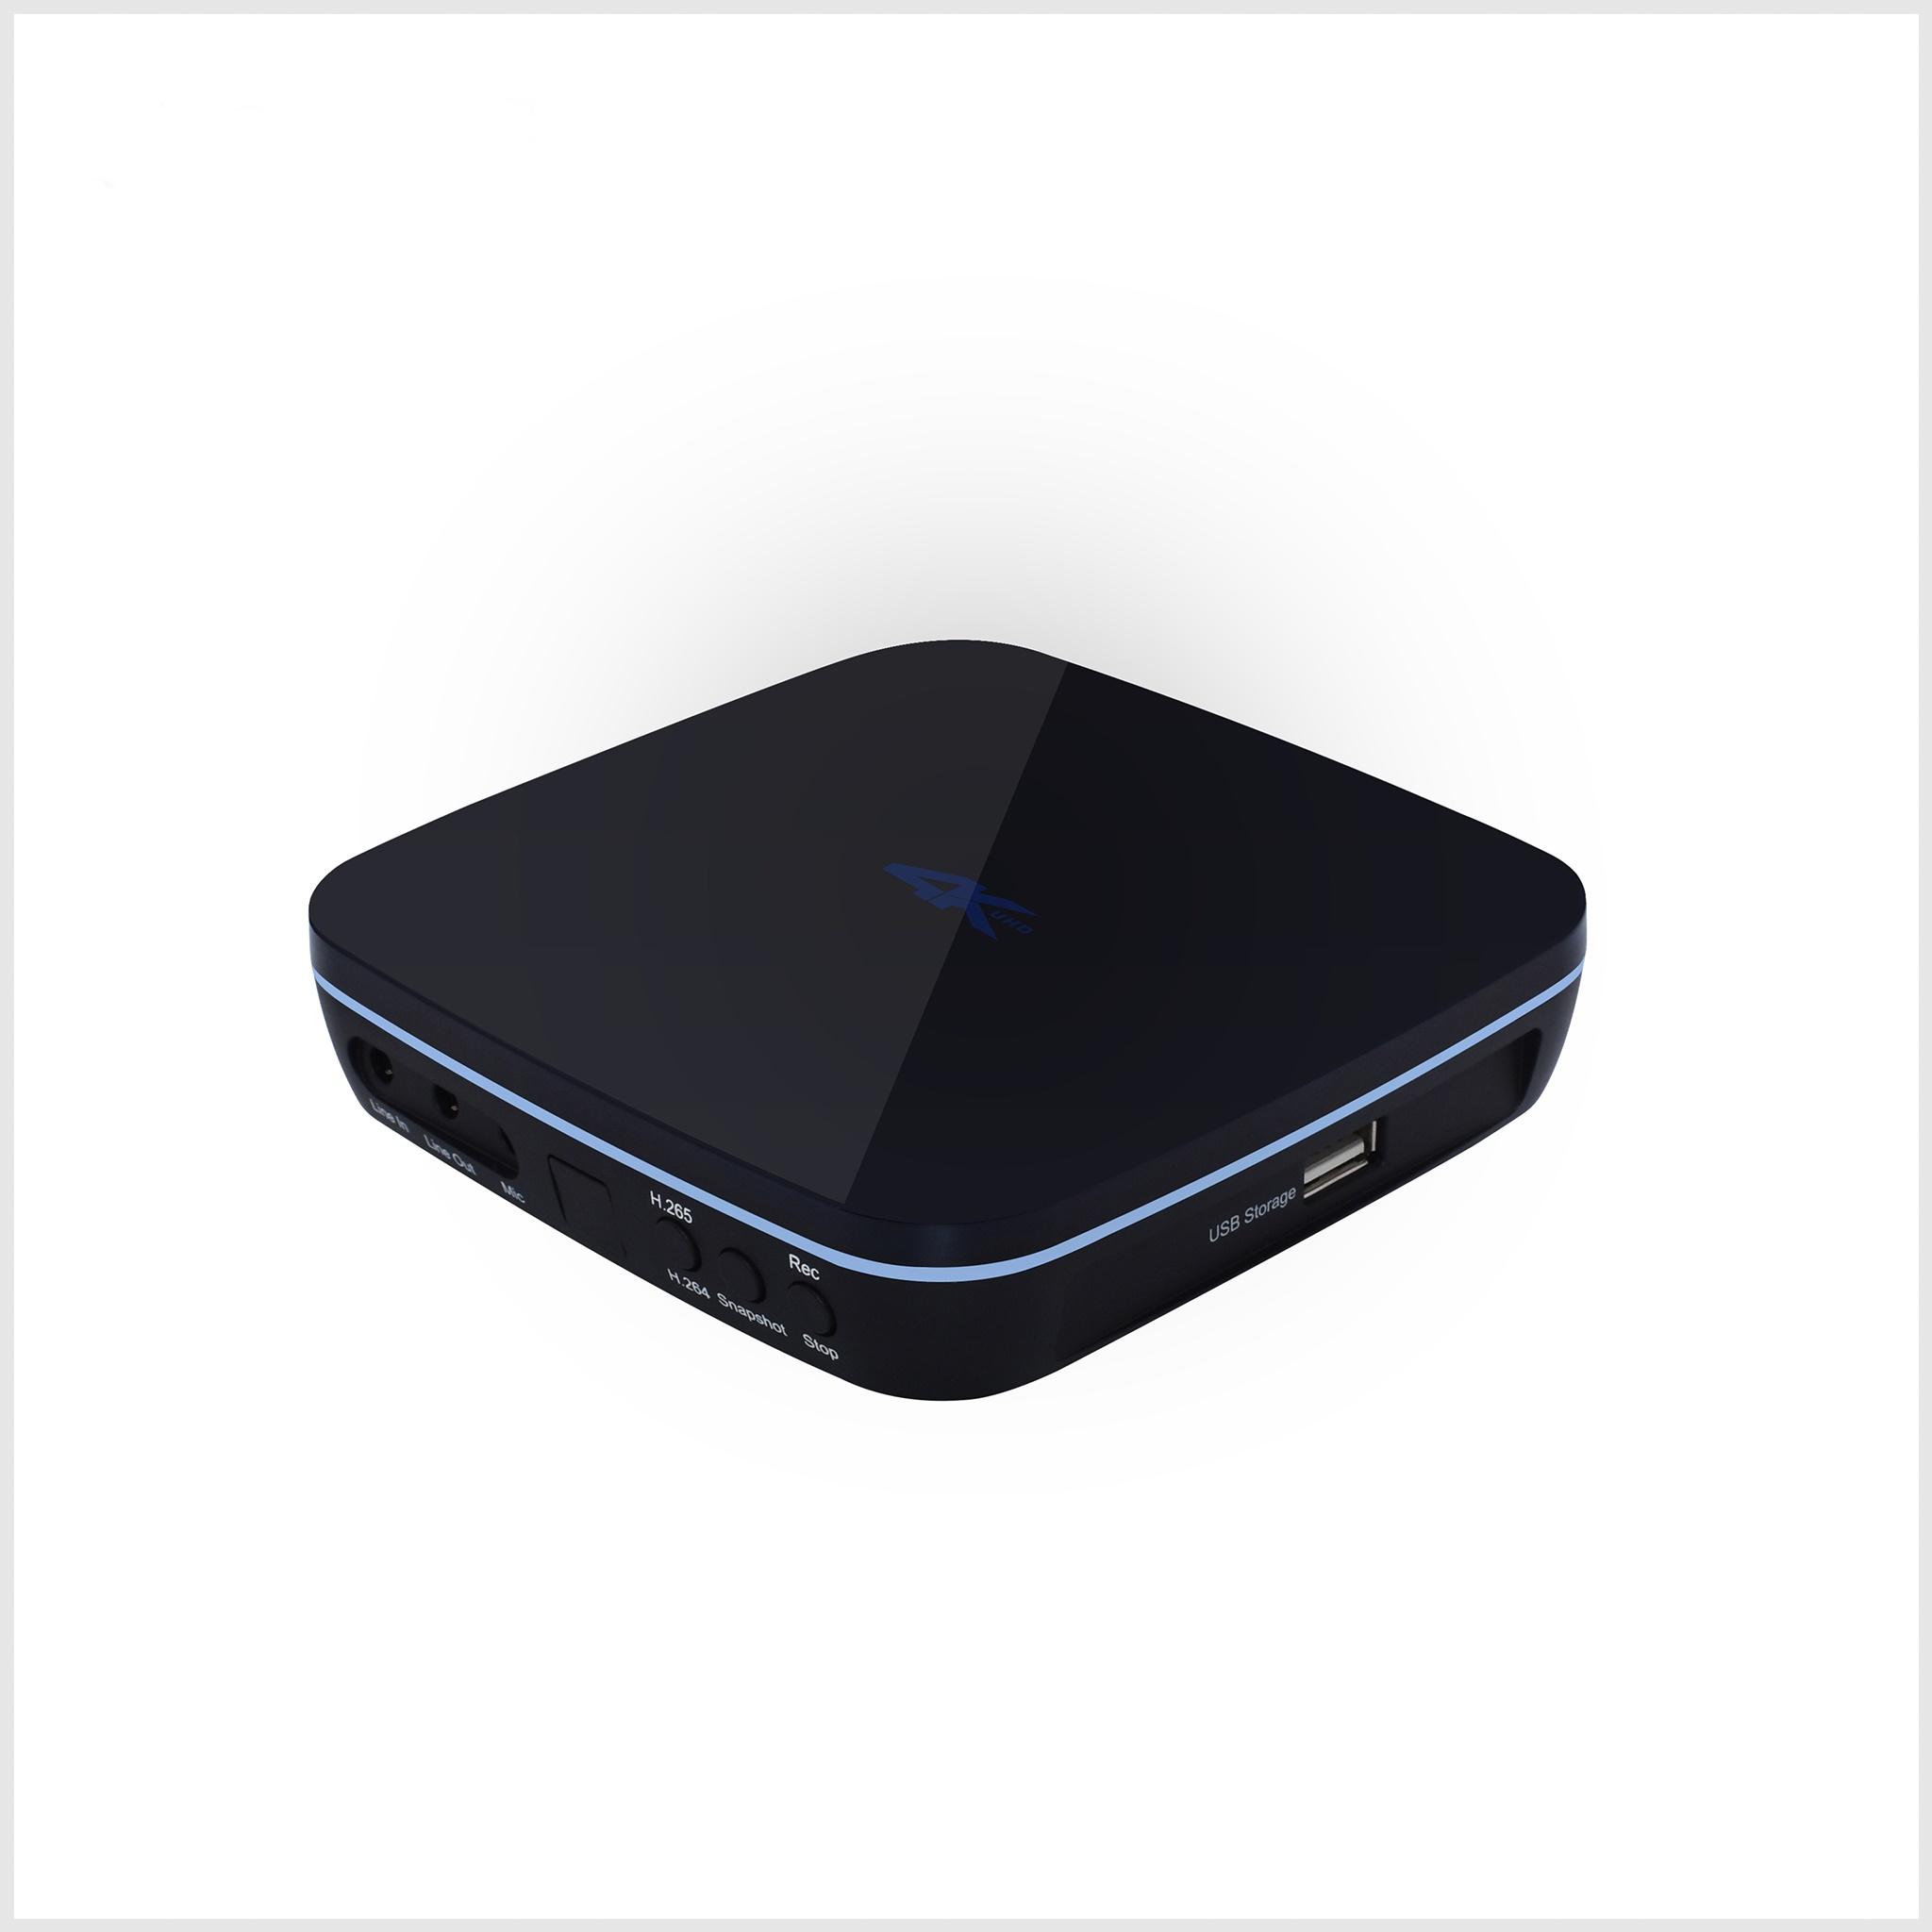 i.ibb.co/mRtFFZ1/Adaptador-de-Captura-de-V-deo-HDMI-4-K-com-Entrada-de-Microfone-HV-HCA15.jpg